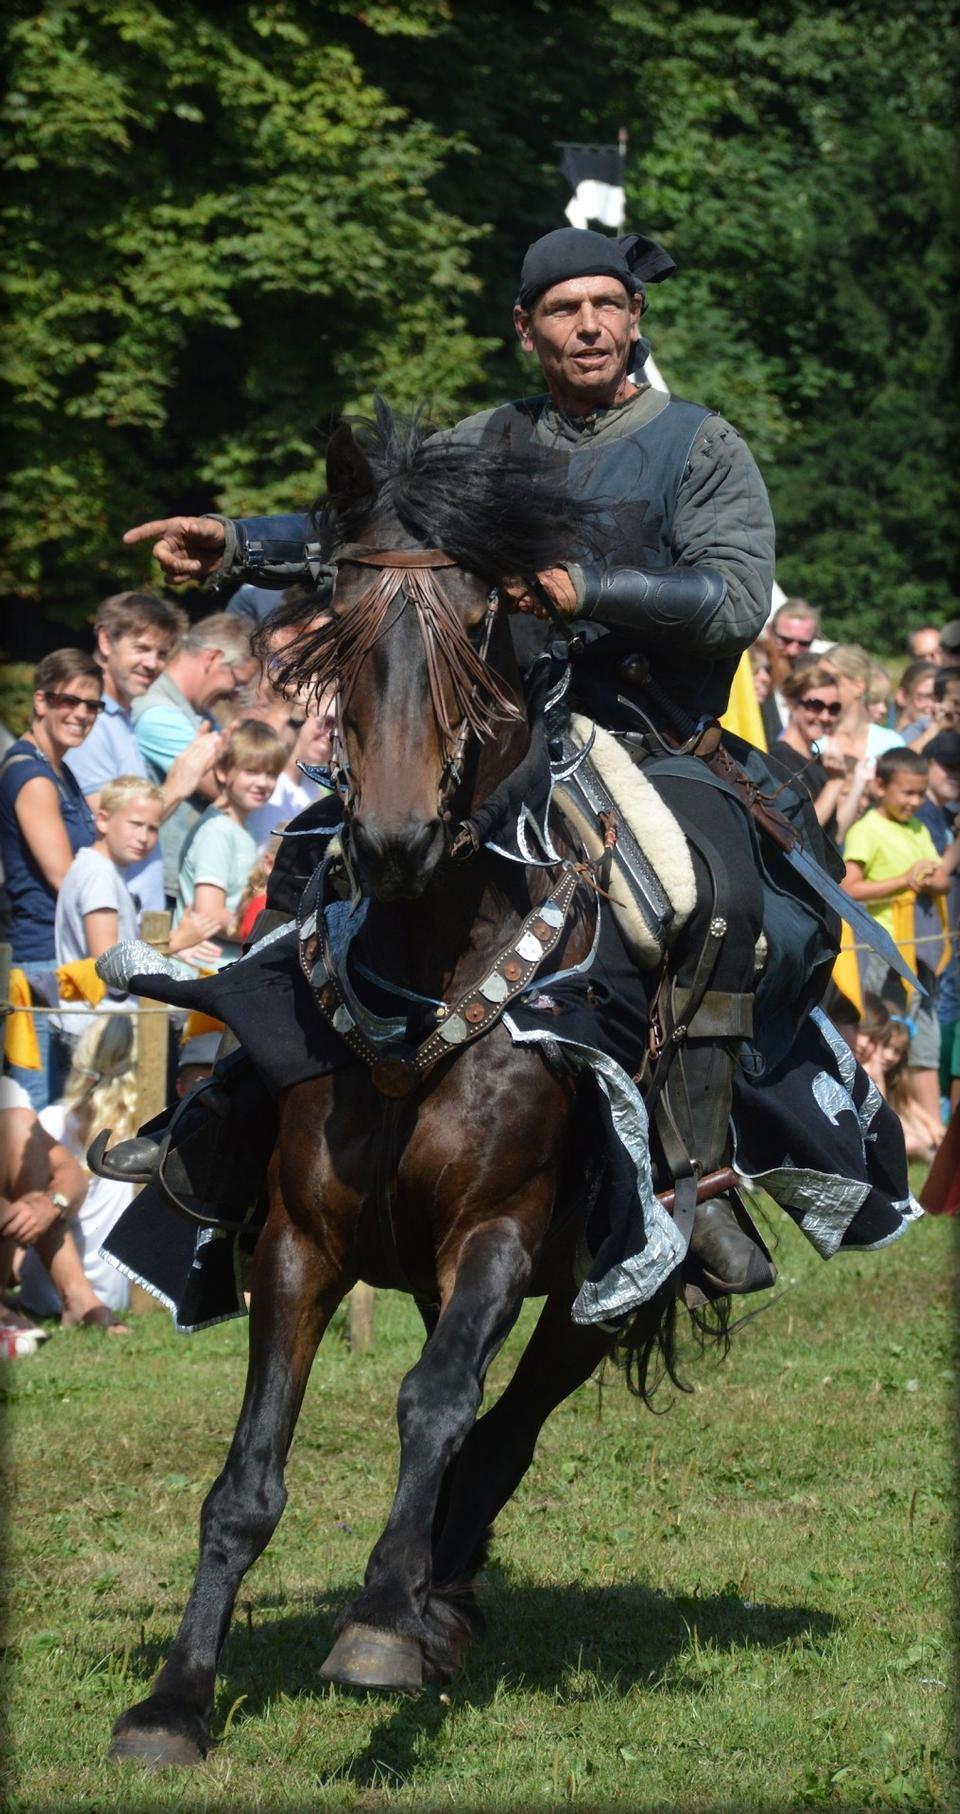 Free Photos: Knights on horseback | peopleshot